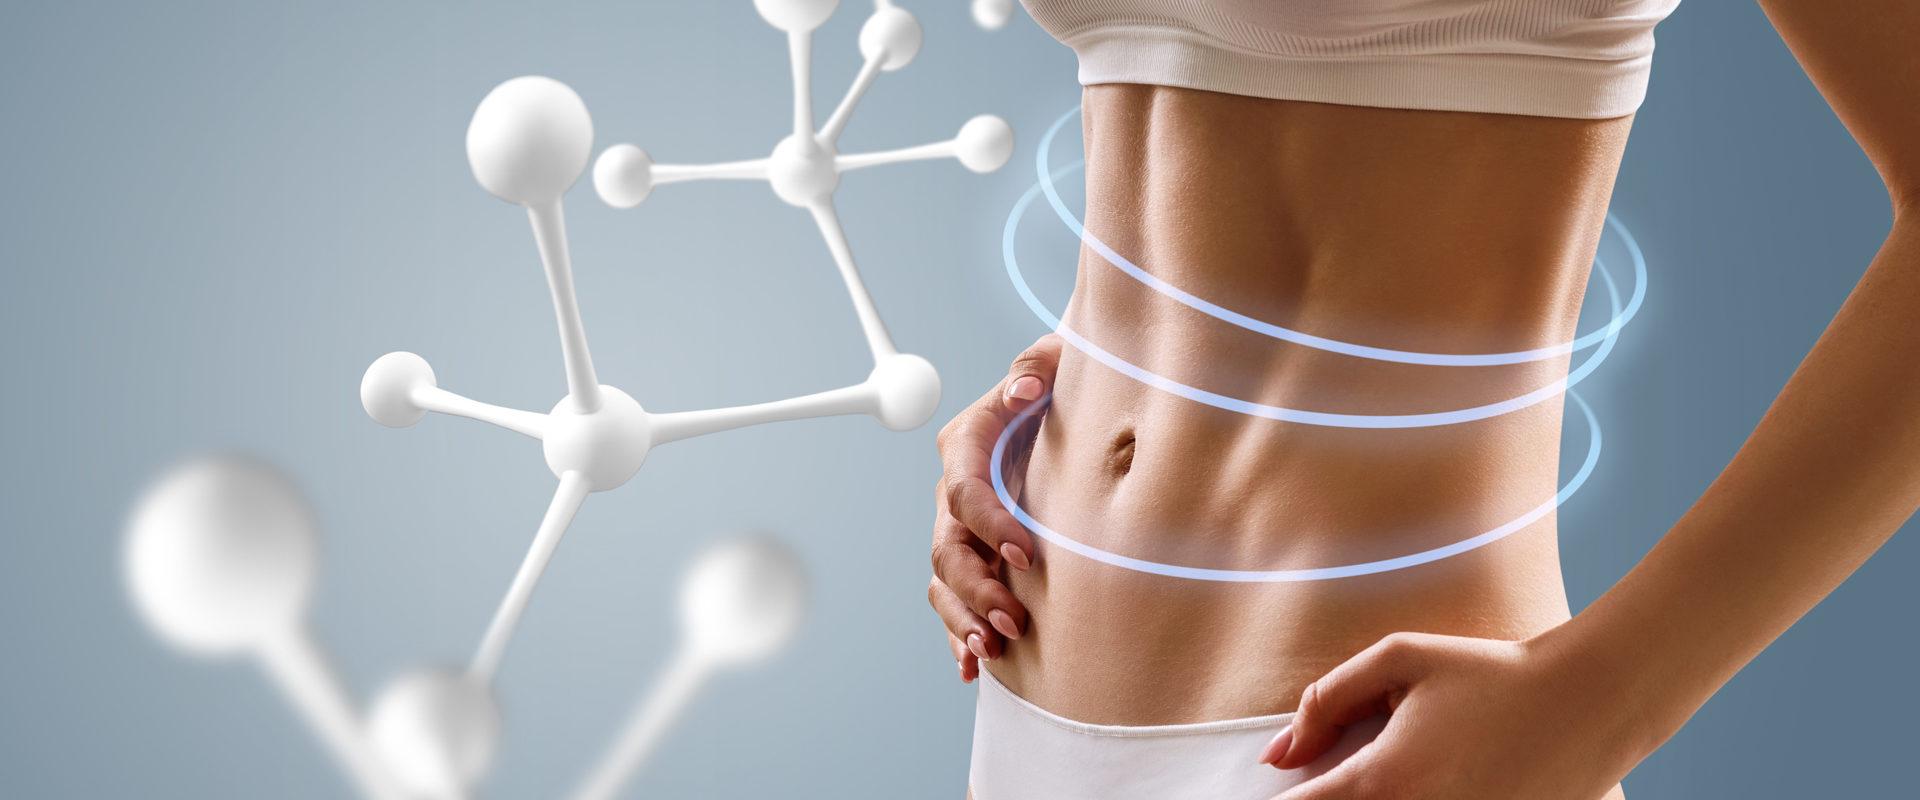 Szczupłe ciało kobiety z molekułami w tle